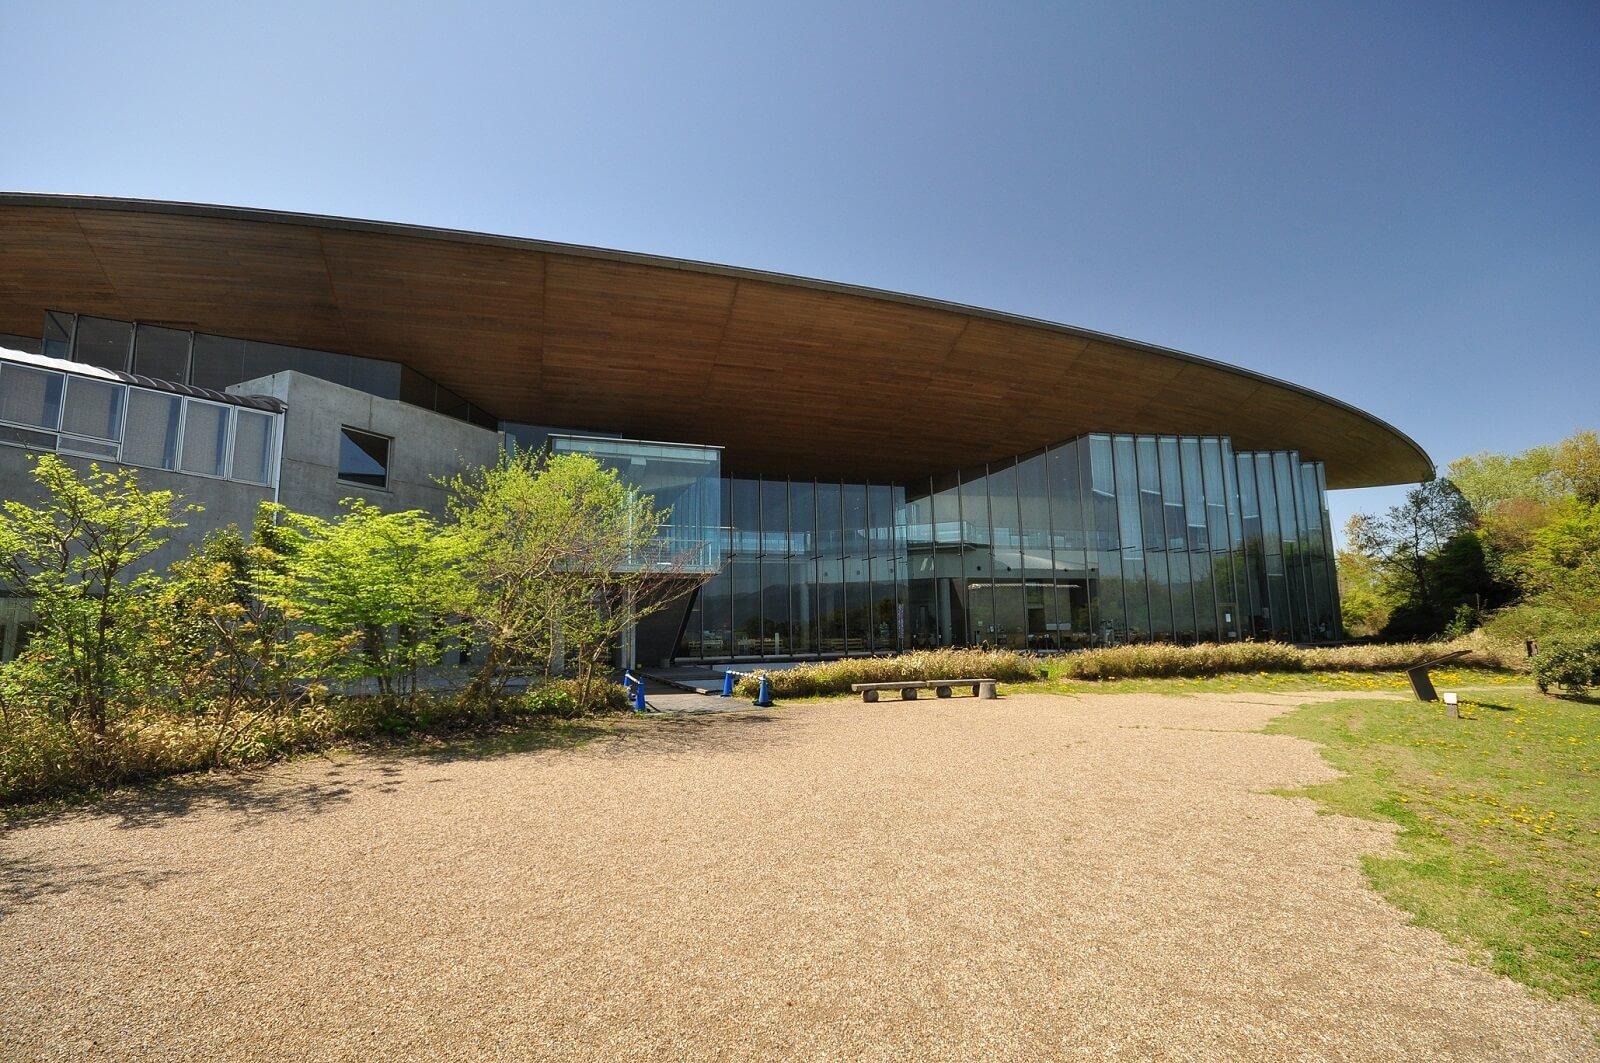 コロナ禍でも前年超え来館数実現に寄与した琵琶湖博物館PR事例